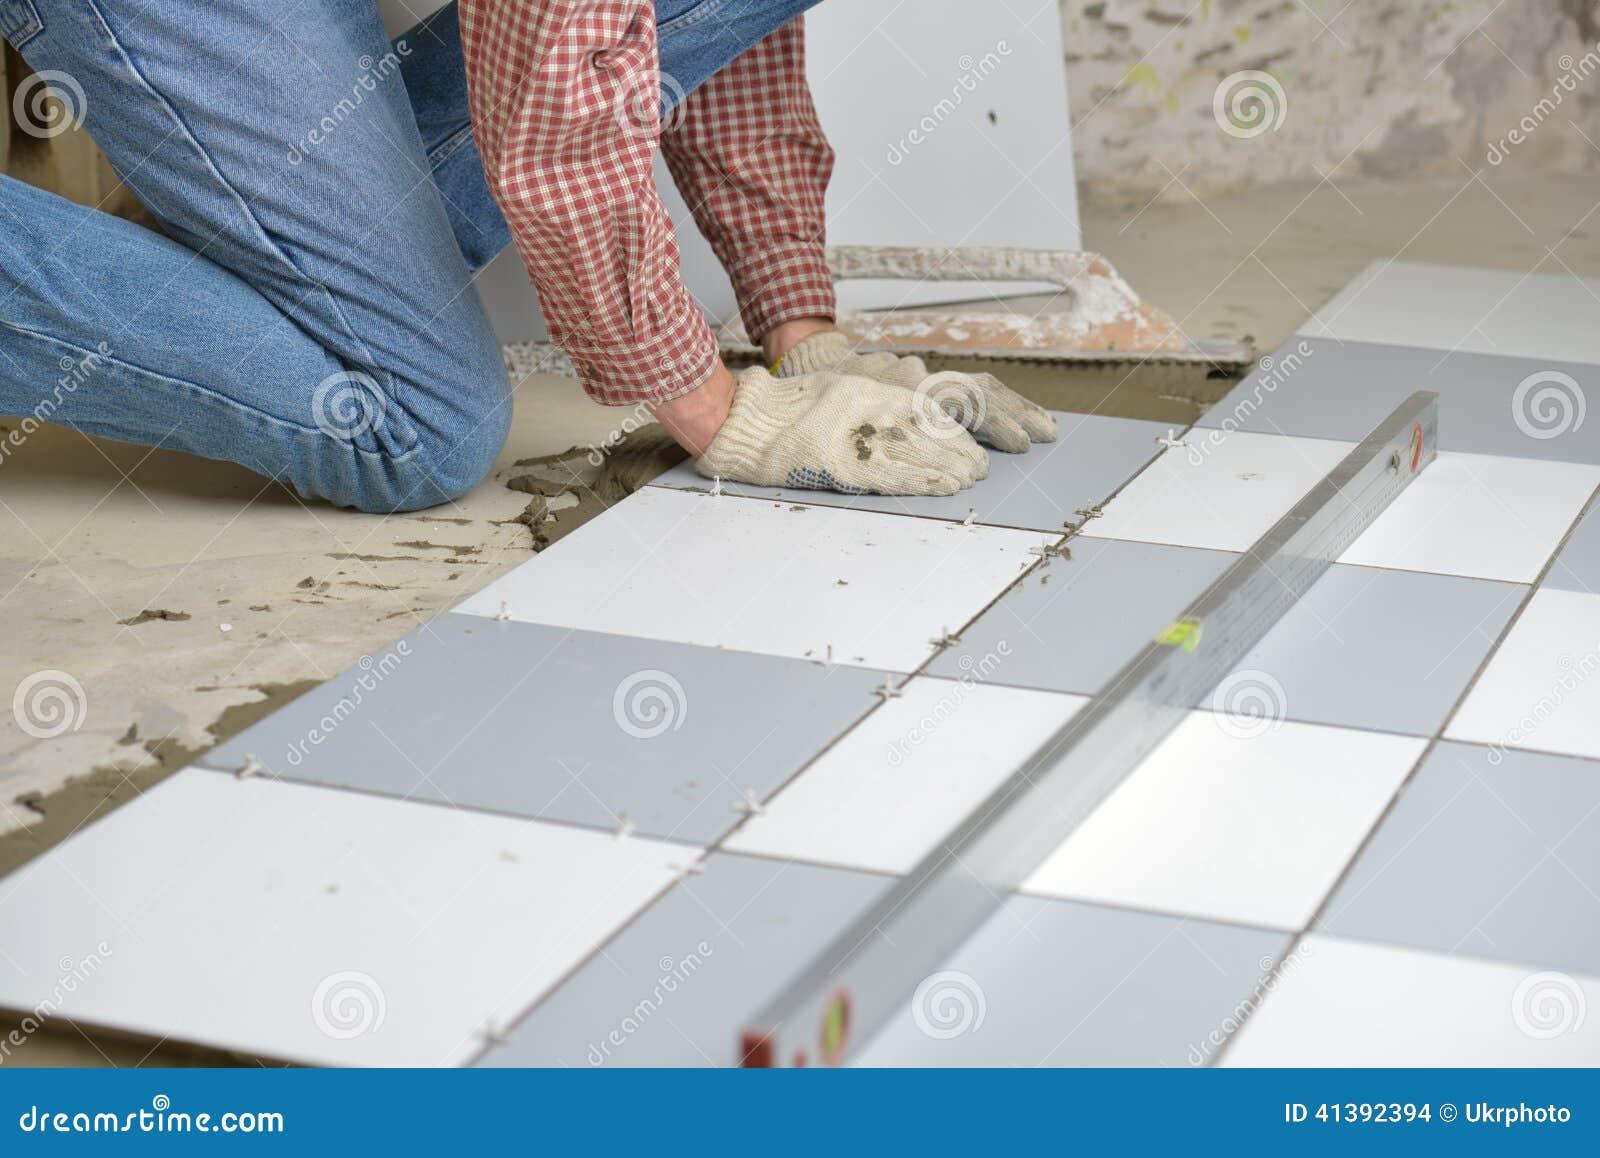 Instalaci n de las baldosas cer micas en un suelo foto de - Como colocar baldosas ...